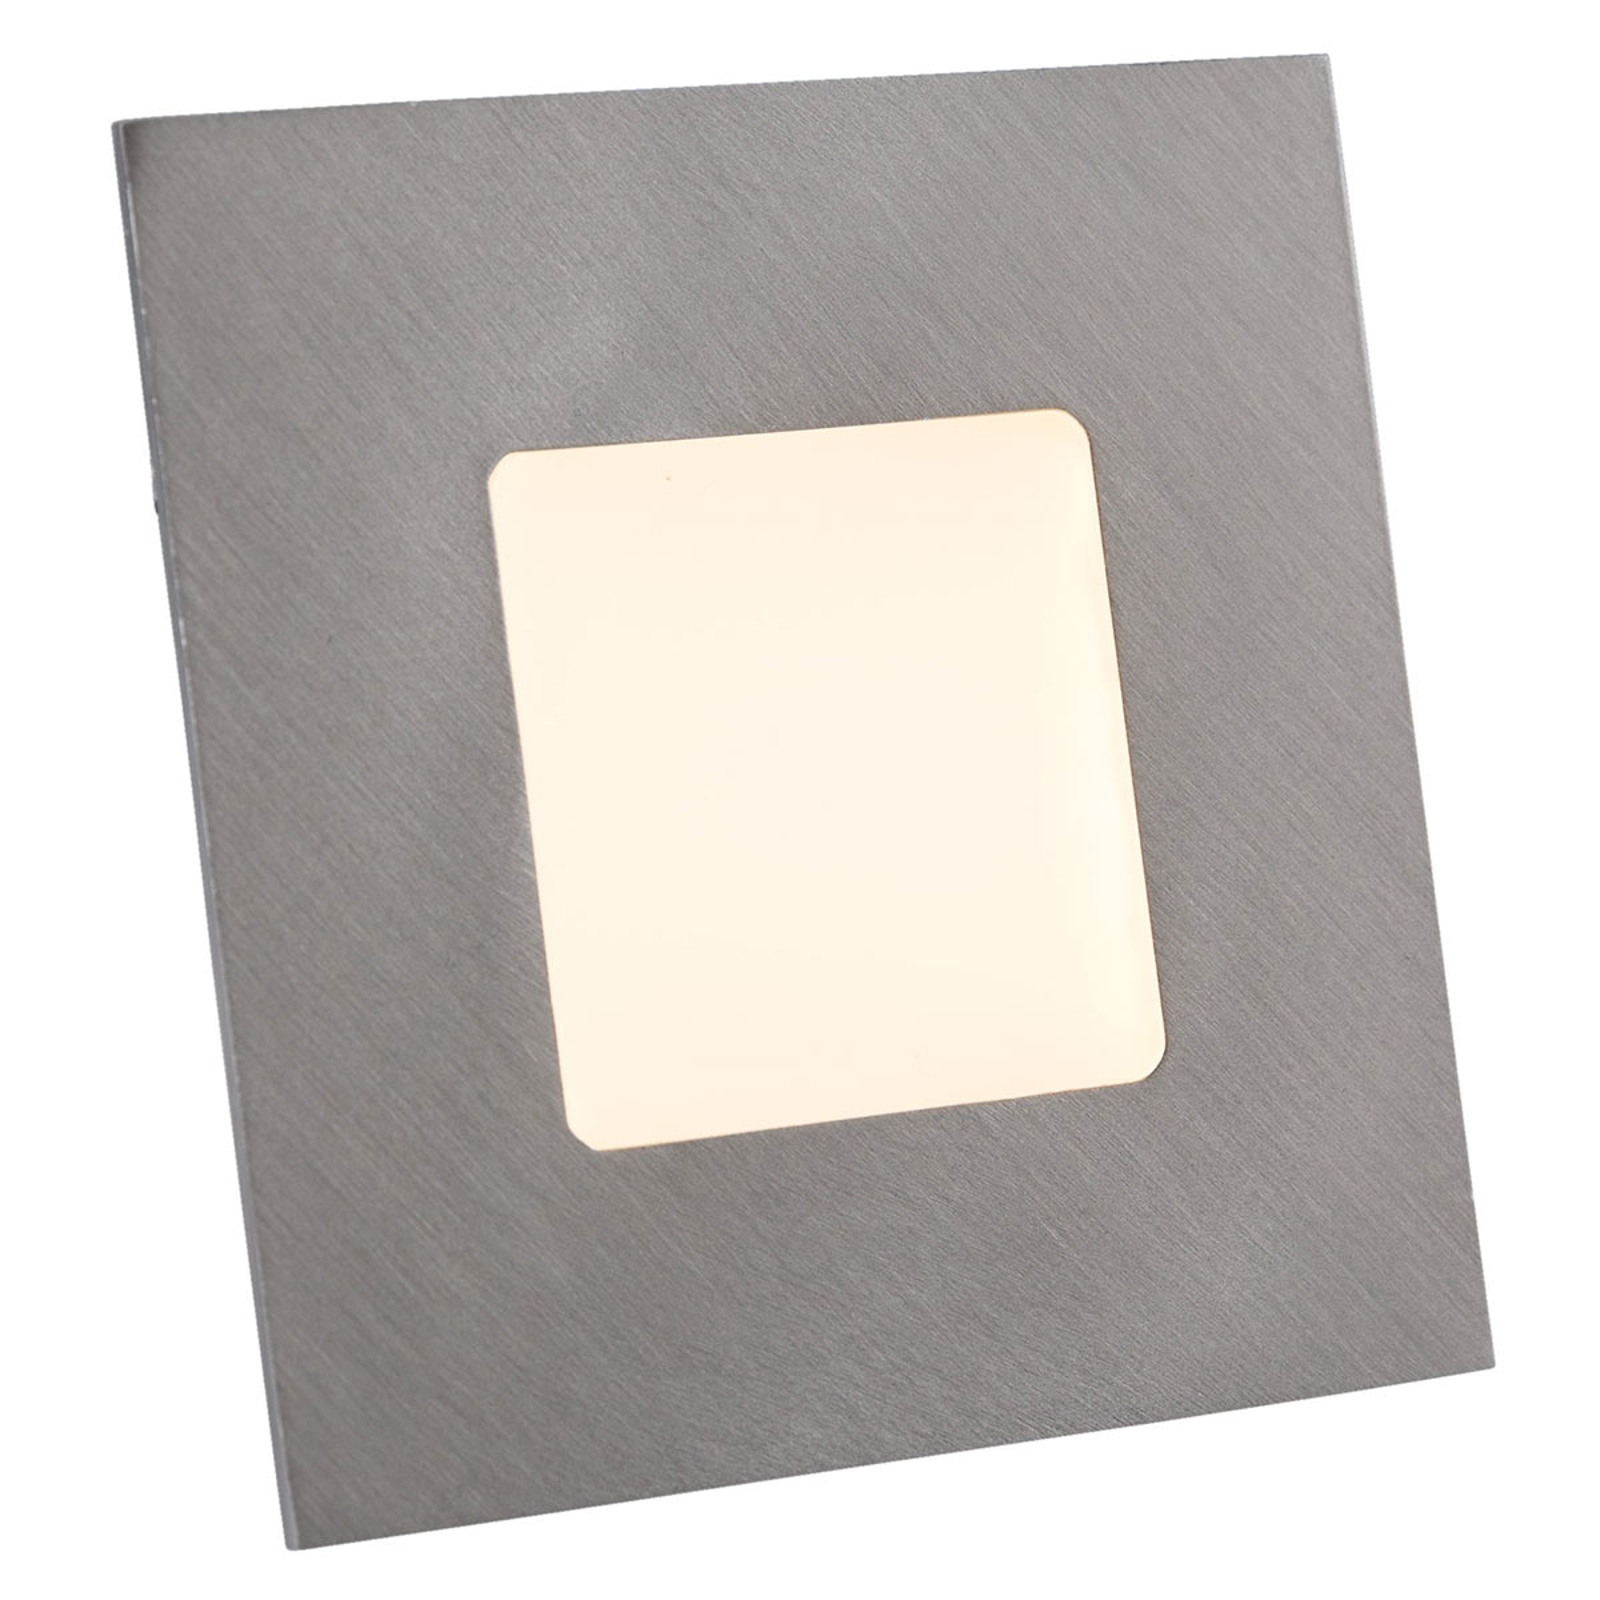 LED Einbauleuchte für Einbaudosen, silber